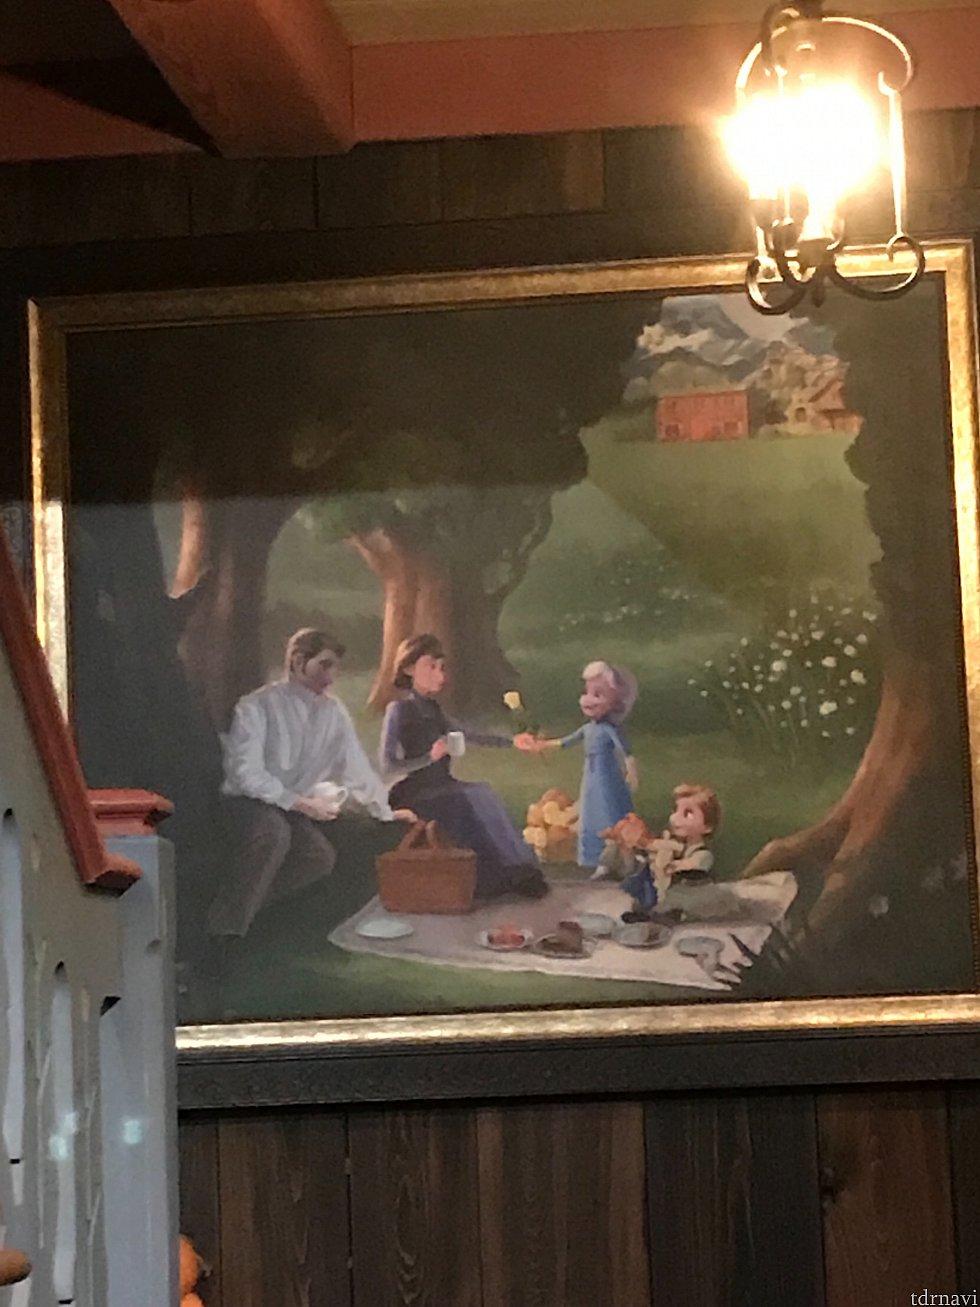 階段の踊り場に飾ってあった絵、家族の思い出でうるっとしちゃいます🥺